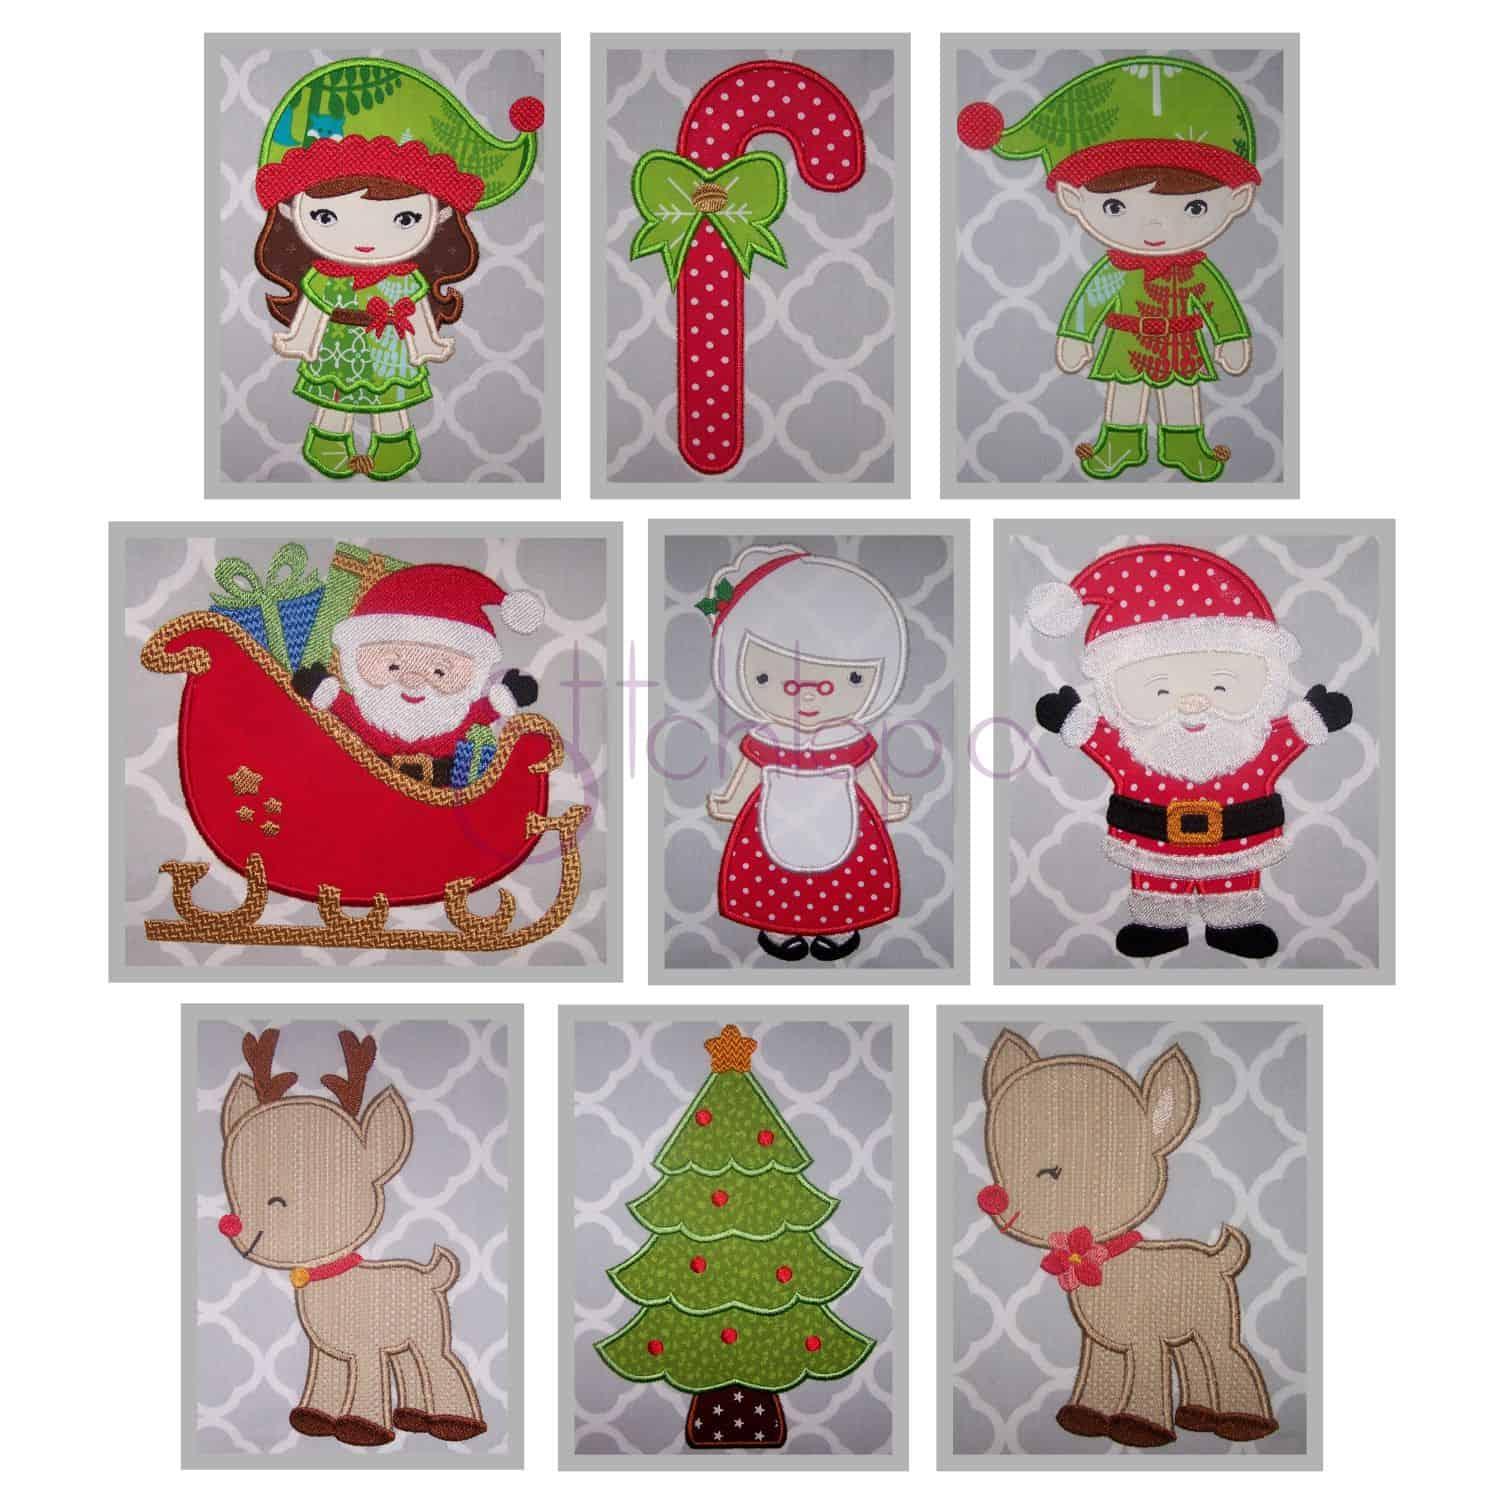 christmas applique design set - Christmas Applique Designs